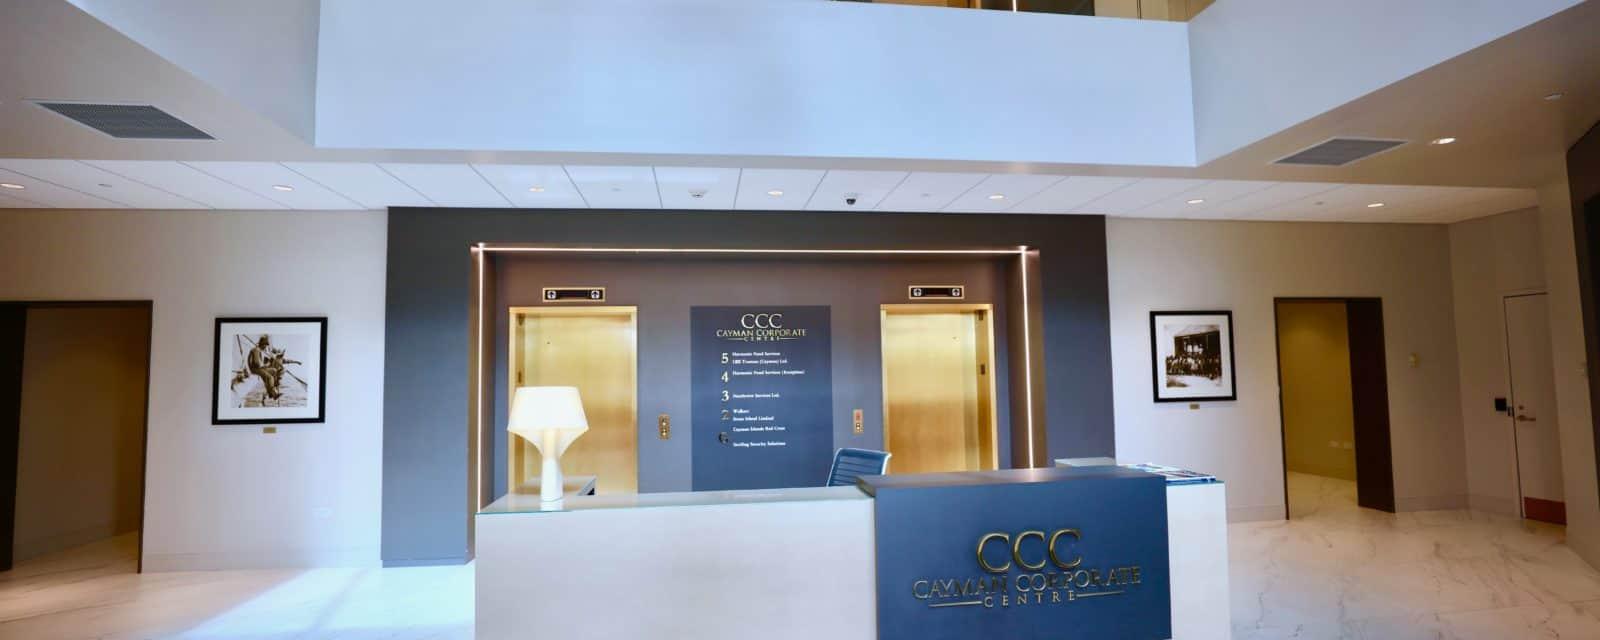 Cayman Corporate Centre